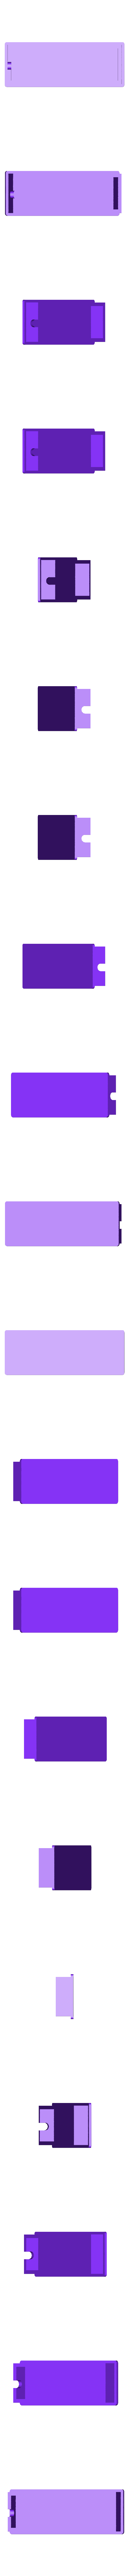 Boite_partie_basse.stl Télécharger fichier STL gratuit Mail Notifier (Electronic project) / Detecteur de Courriers • Objet imprimable en 3D, Heliox